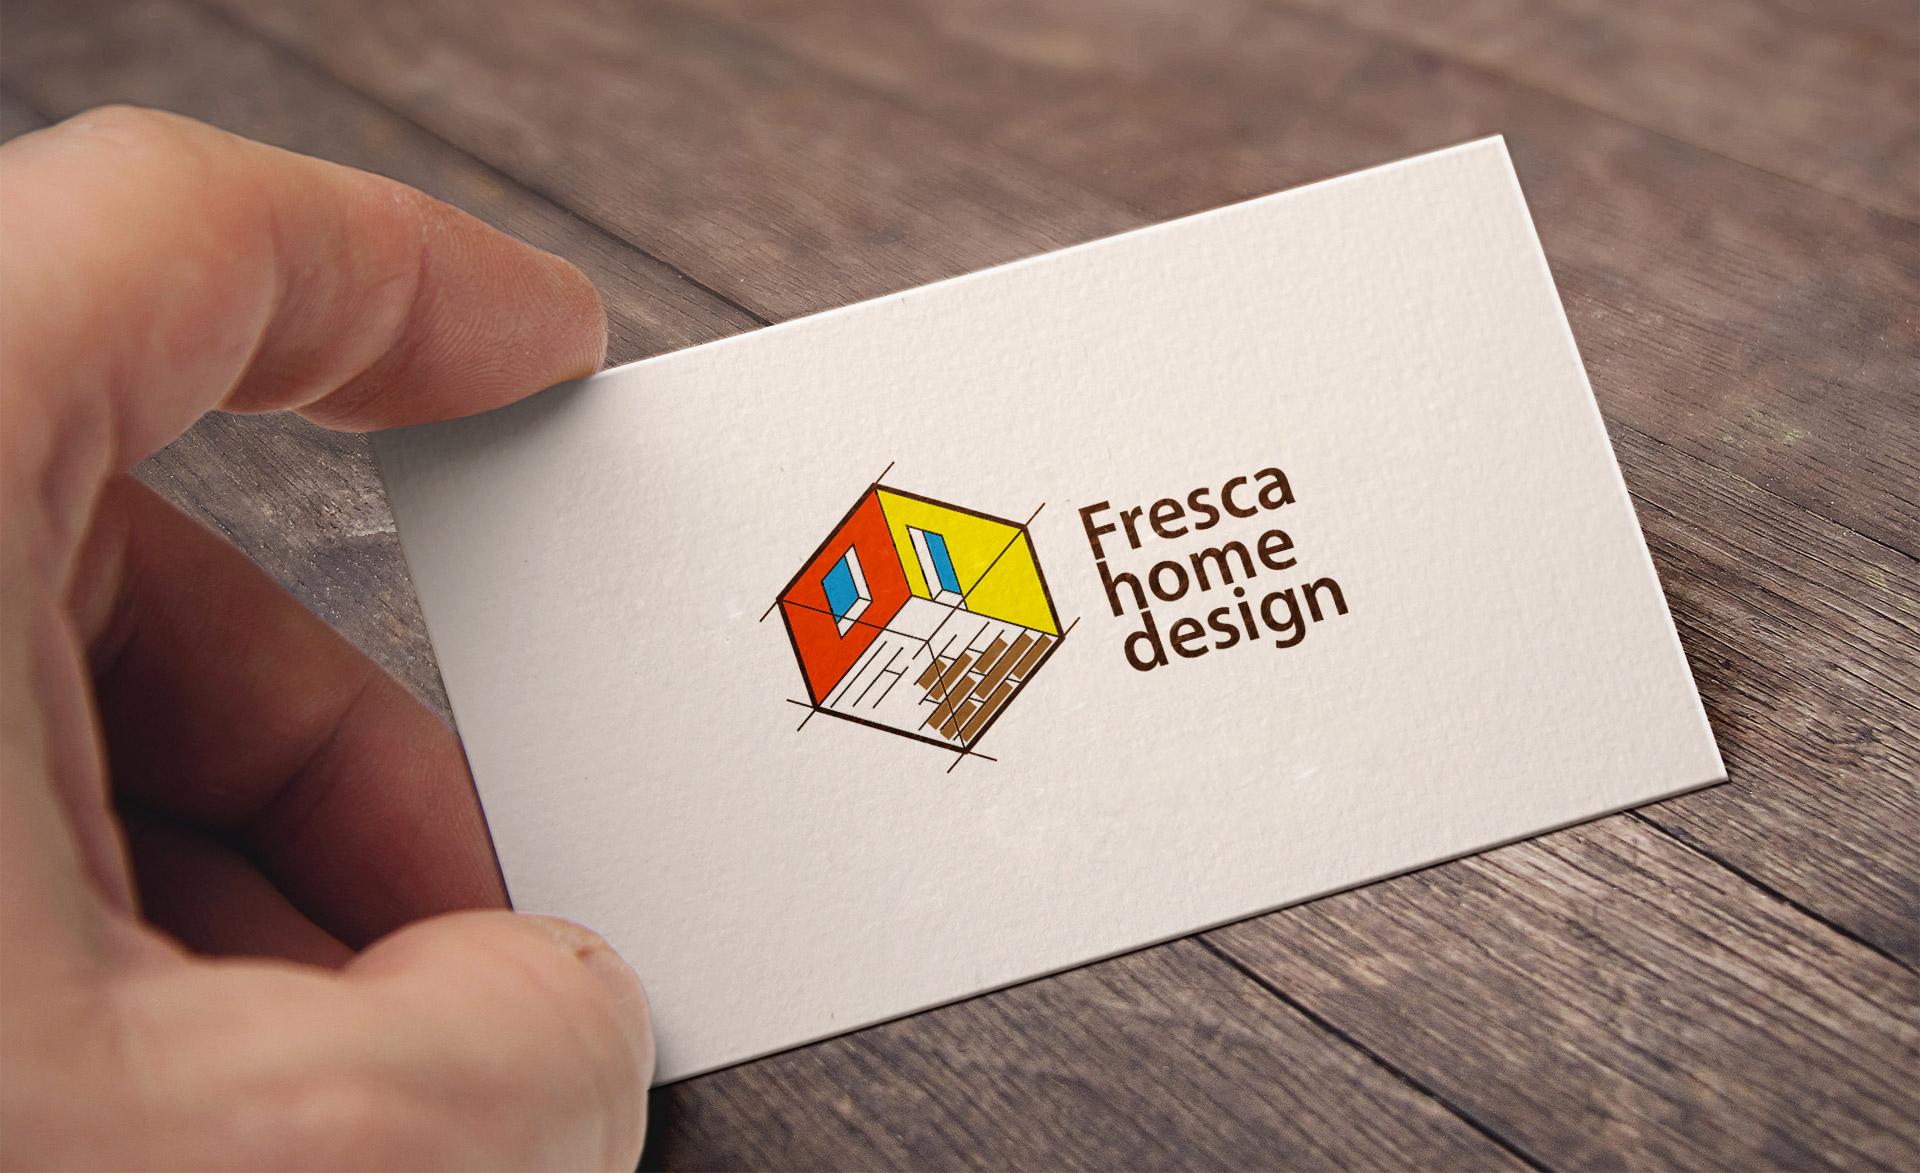 Разработка логотипа и фирменного стиля  фото f_5735aa2cff58d1e0.jpg